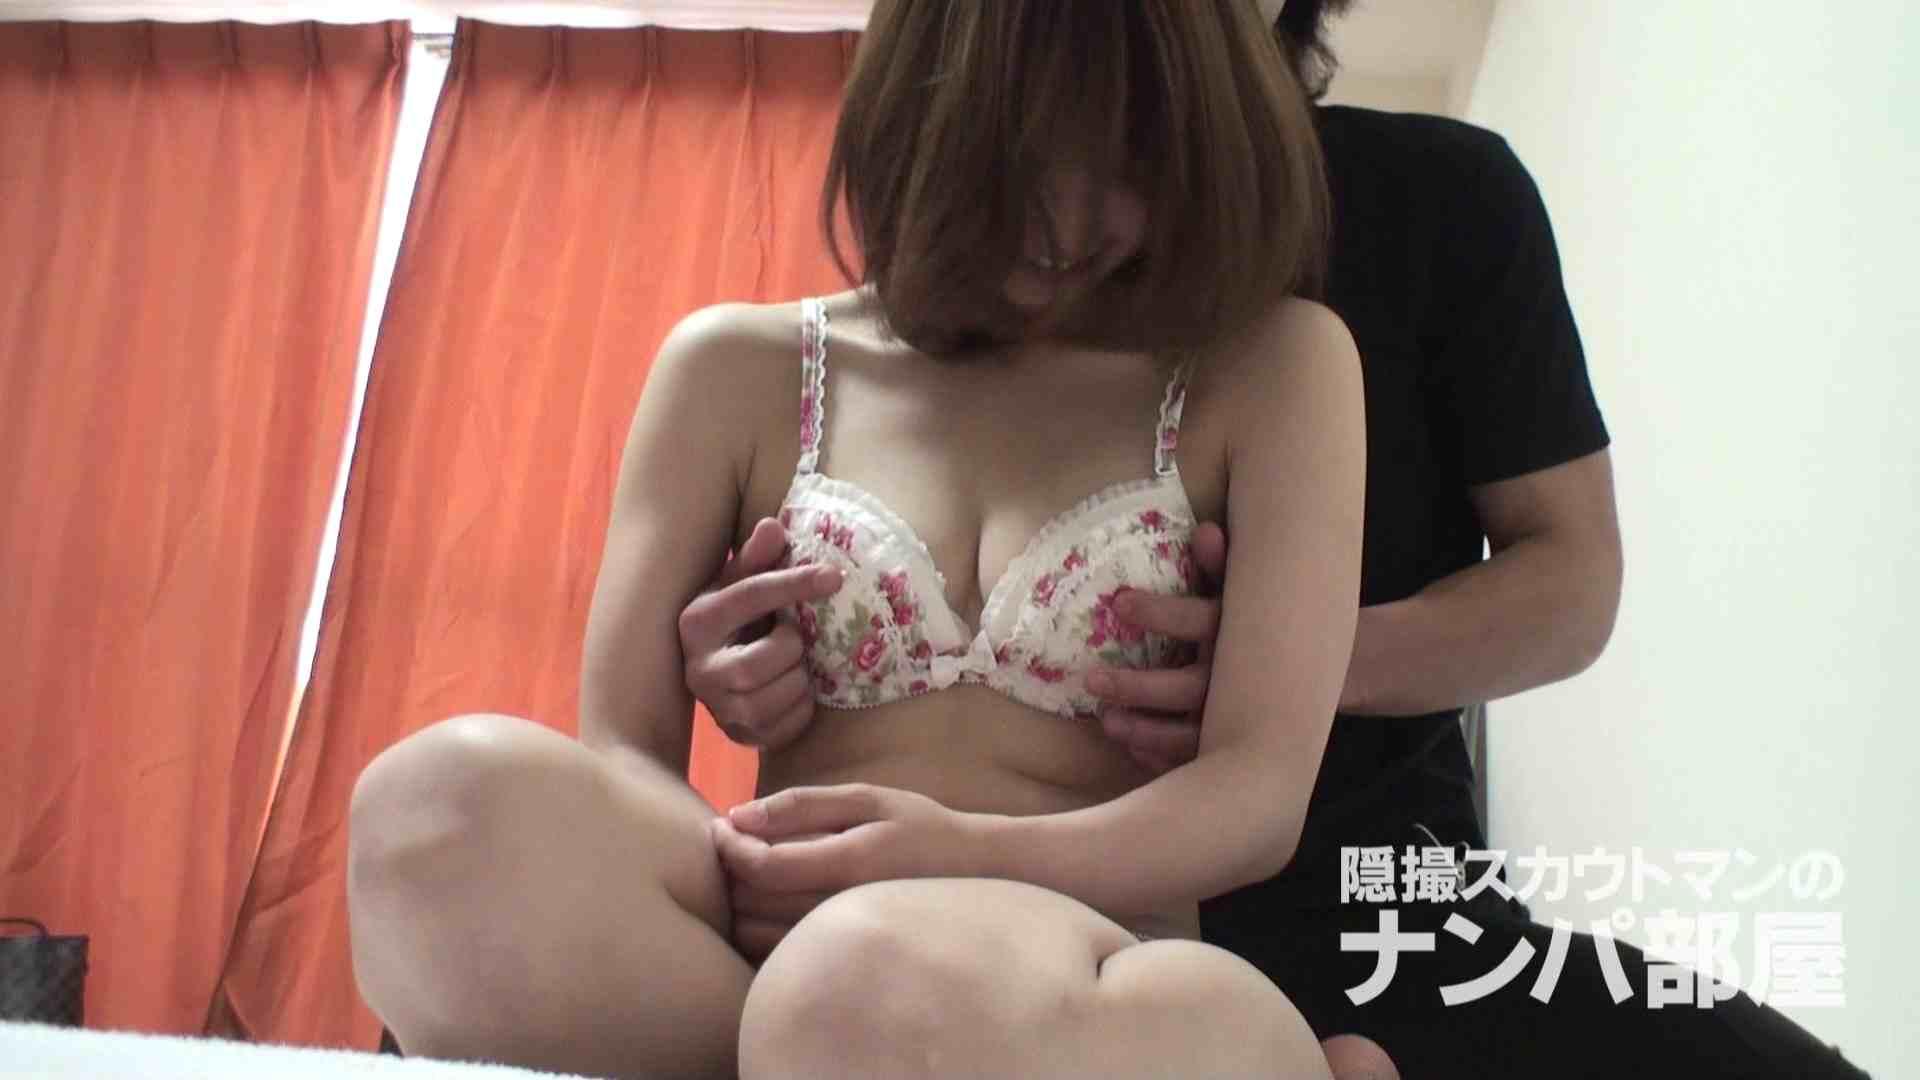 隠撮スカウトマンのナンパ部屋~風俗デビュー前のつまみ食い~ siivol.2 OL裸体 | ナンパ  58画像 40